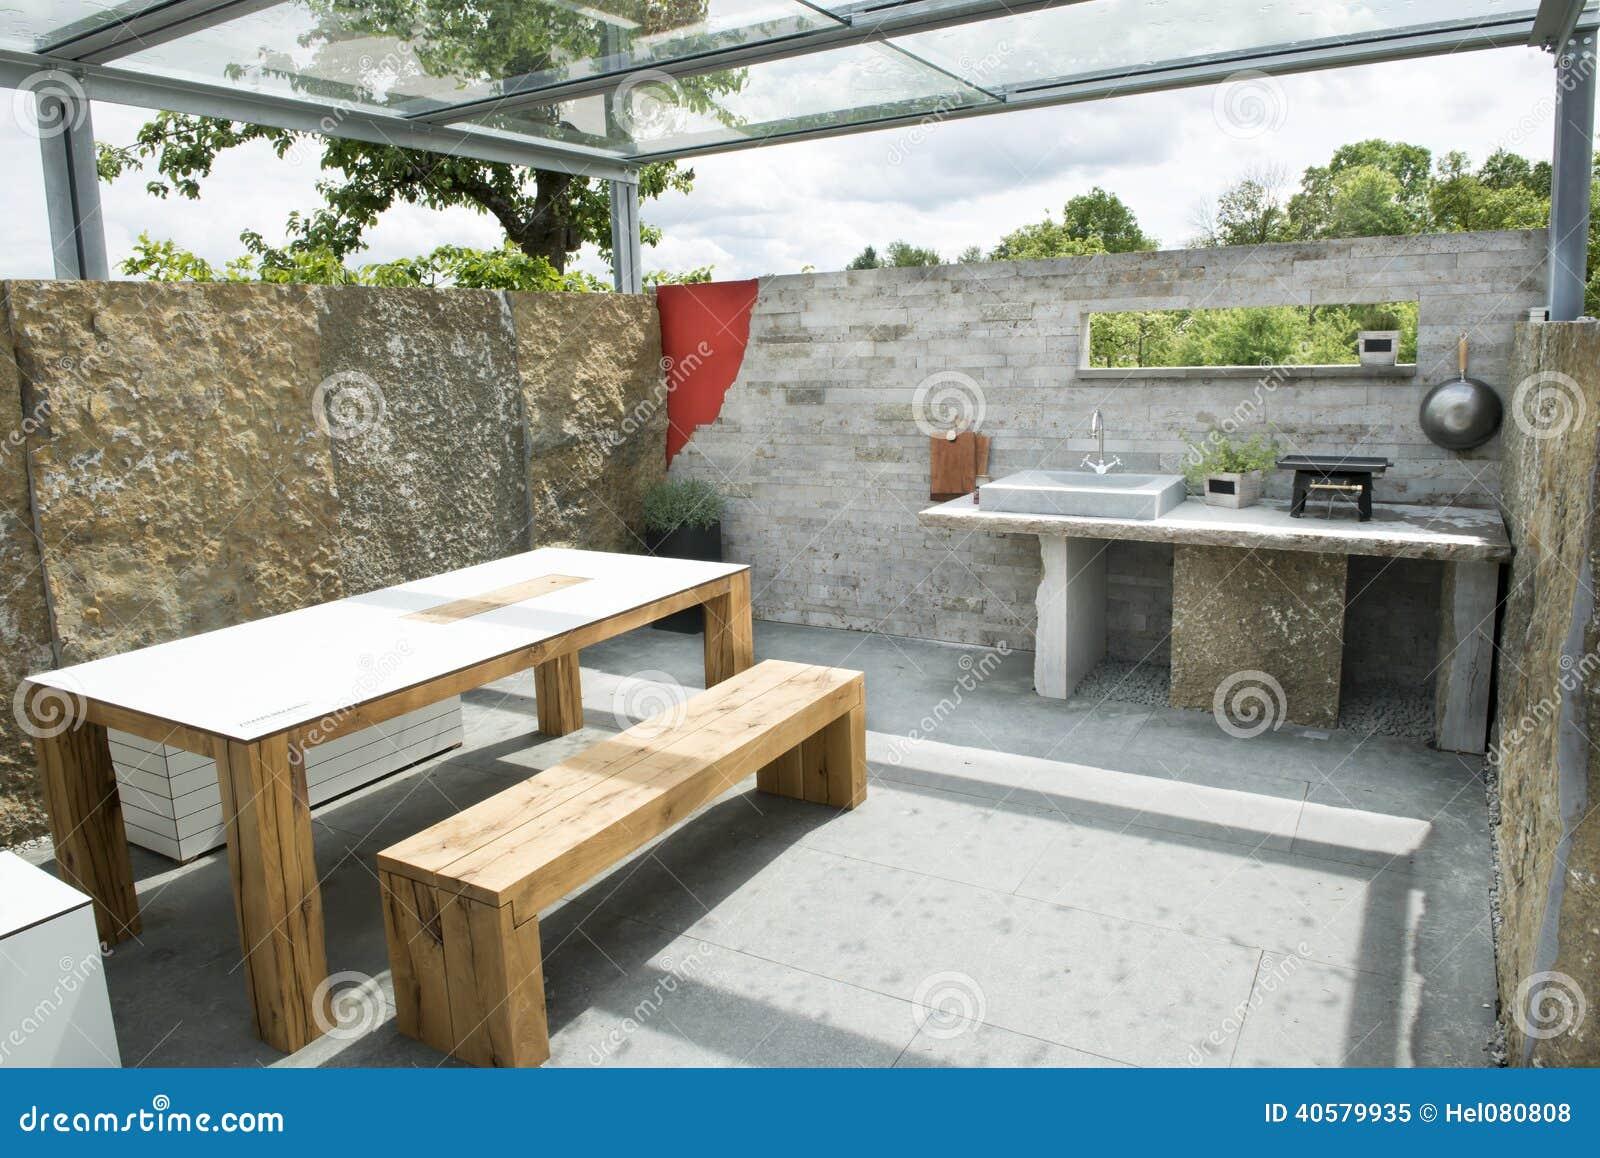 Cucina esterna immagine stock immagine di terrazzo sgabelli 40579935 - Cucina esterna in muratura con barbecue ...